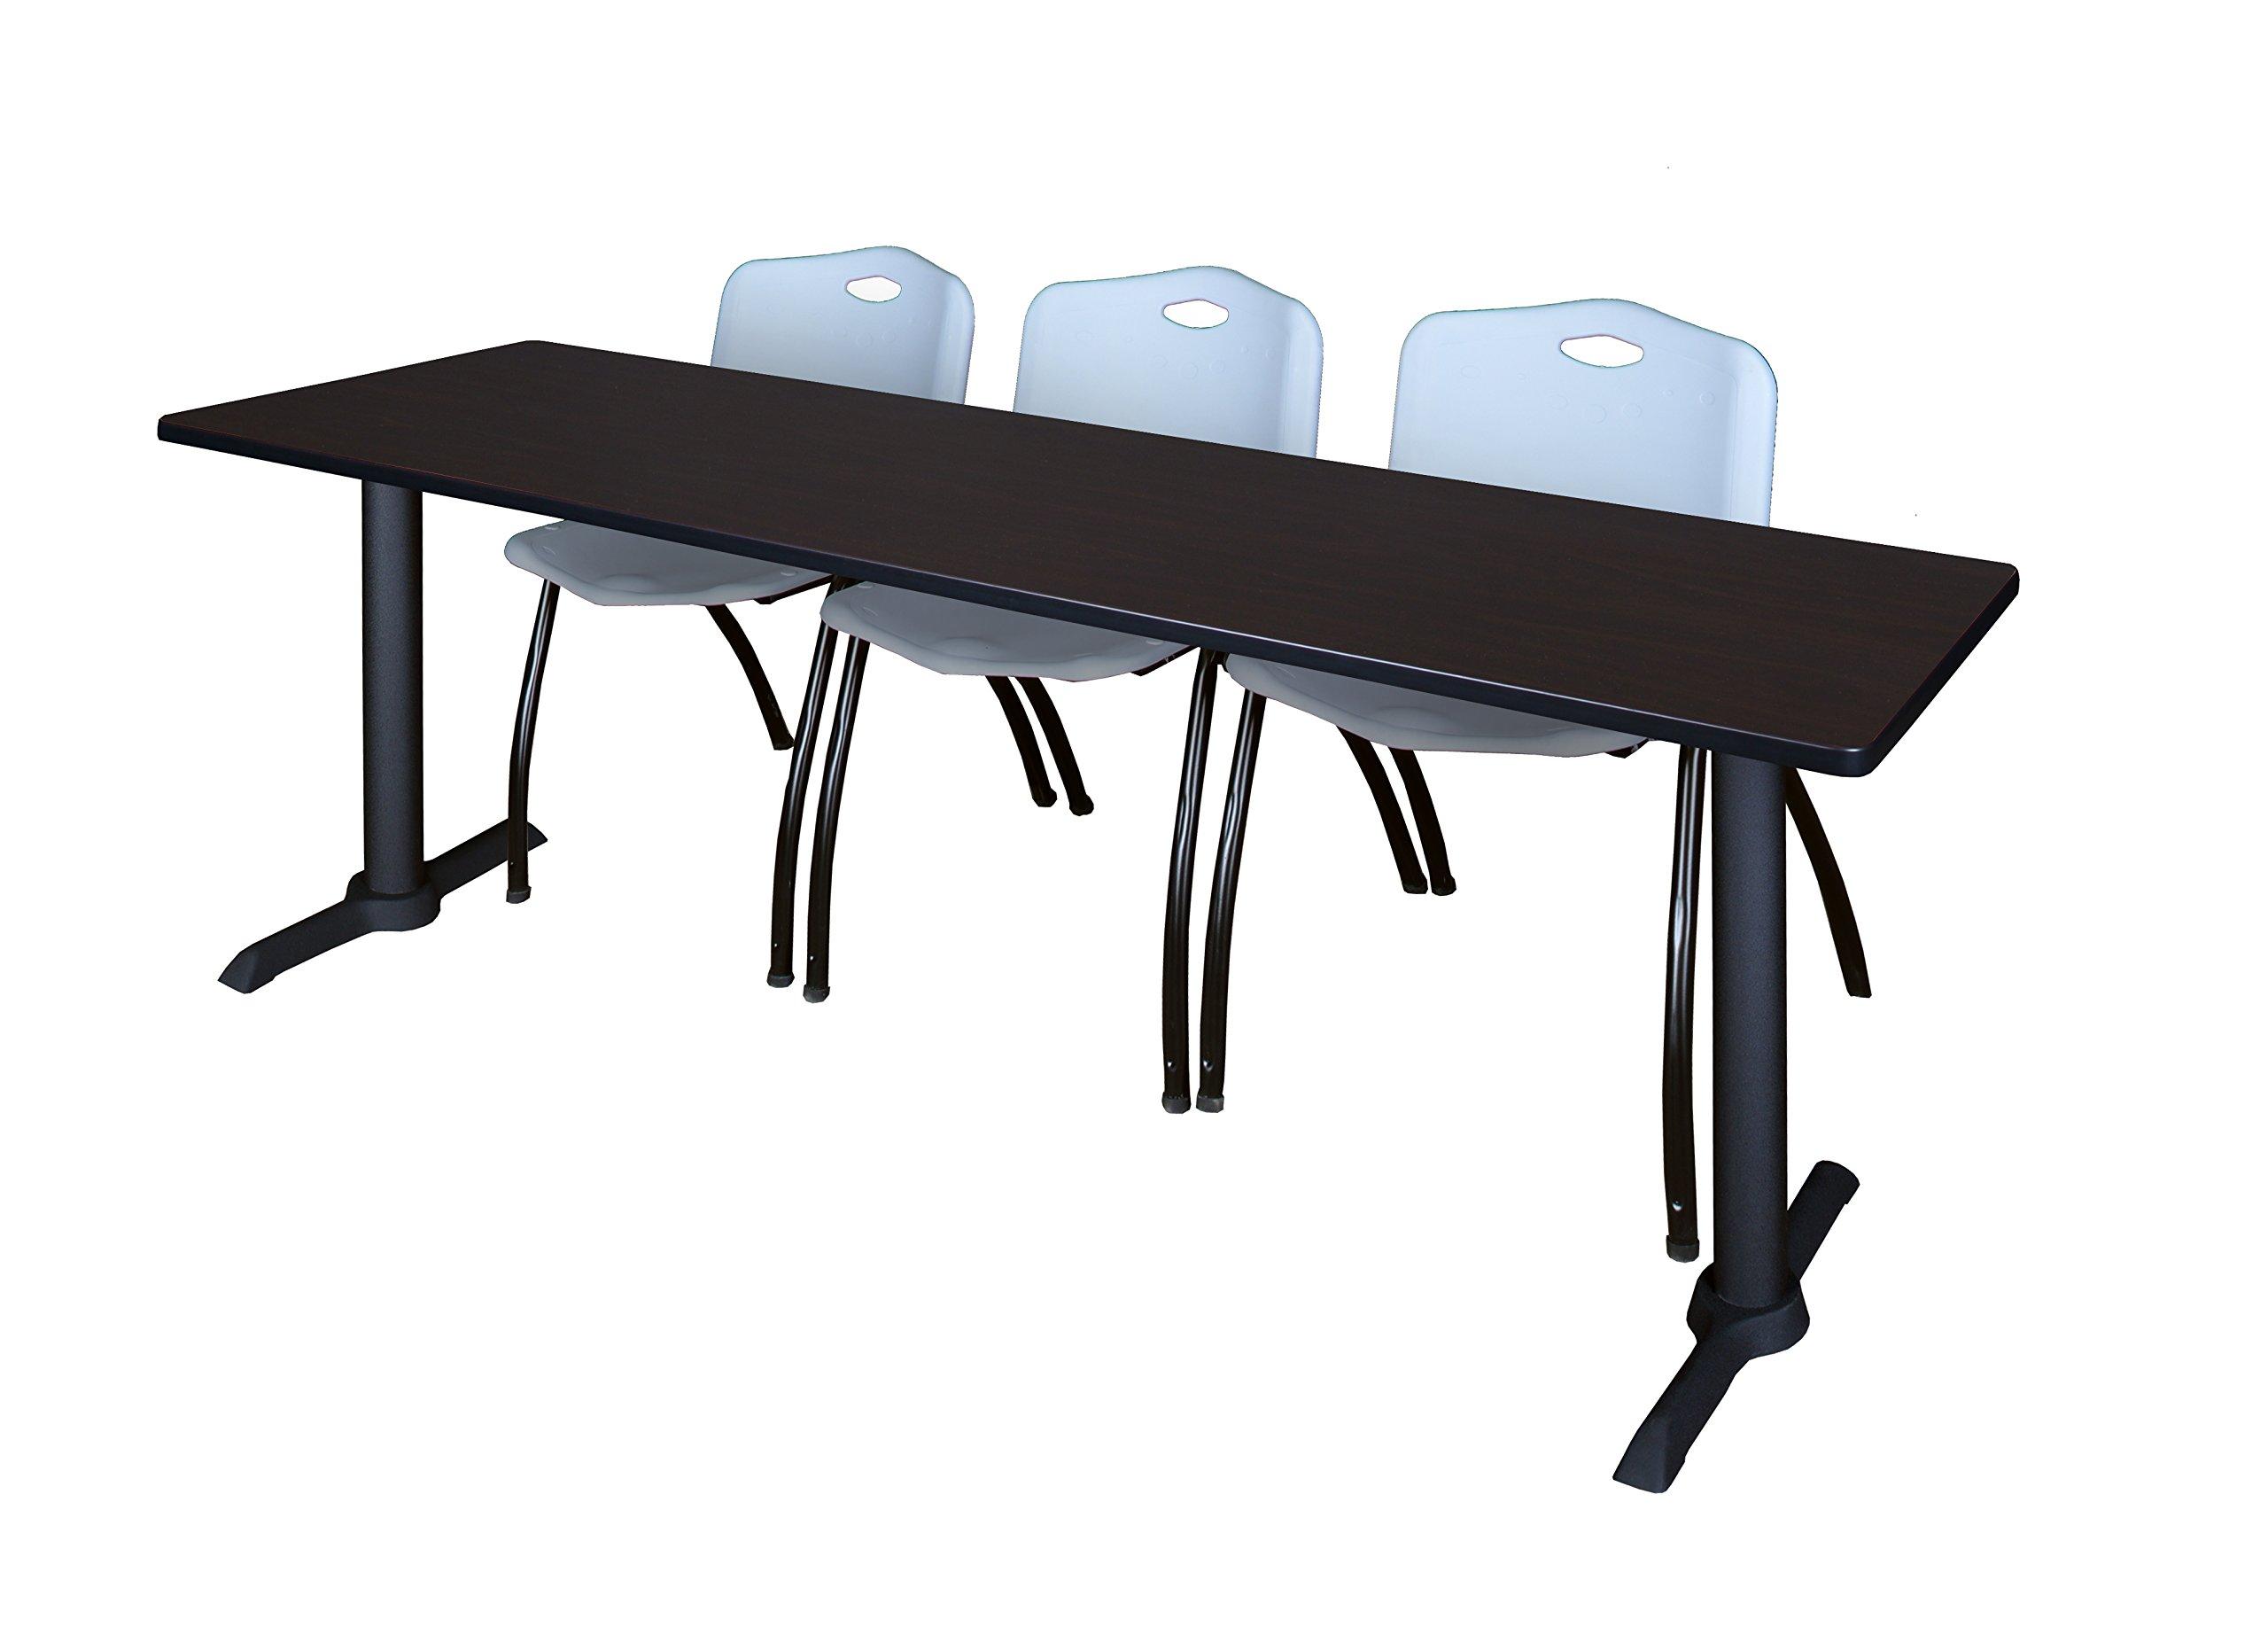 Regency 84'' x 24'' Rectangle Laminate Table Top- Mahogany/ Mocha Walnut by Regency (Image #4)